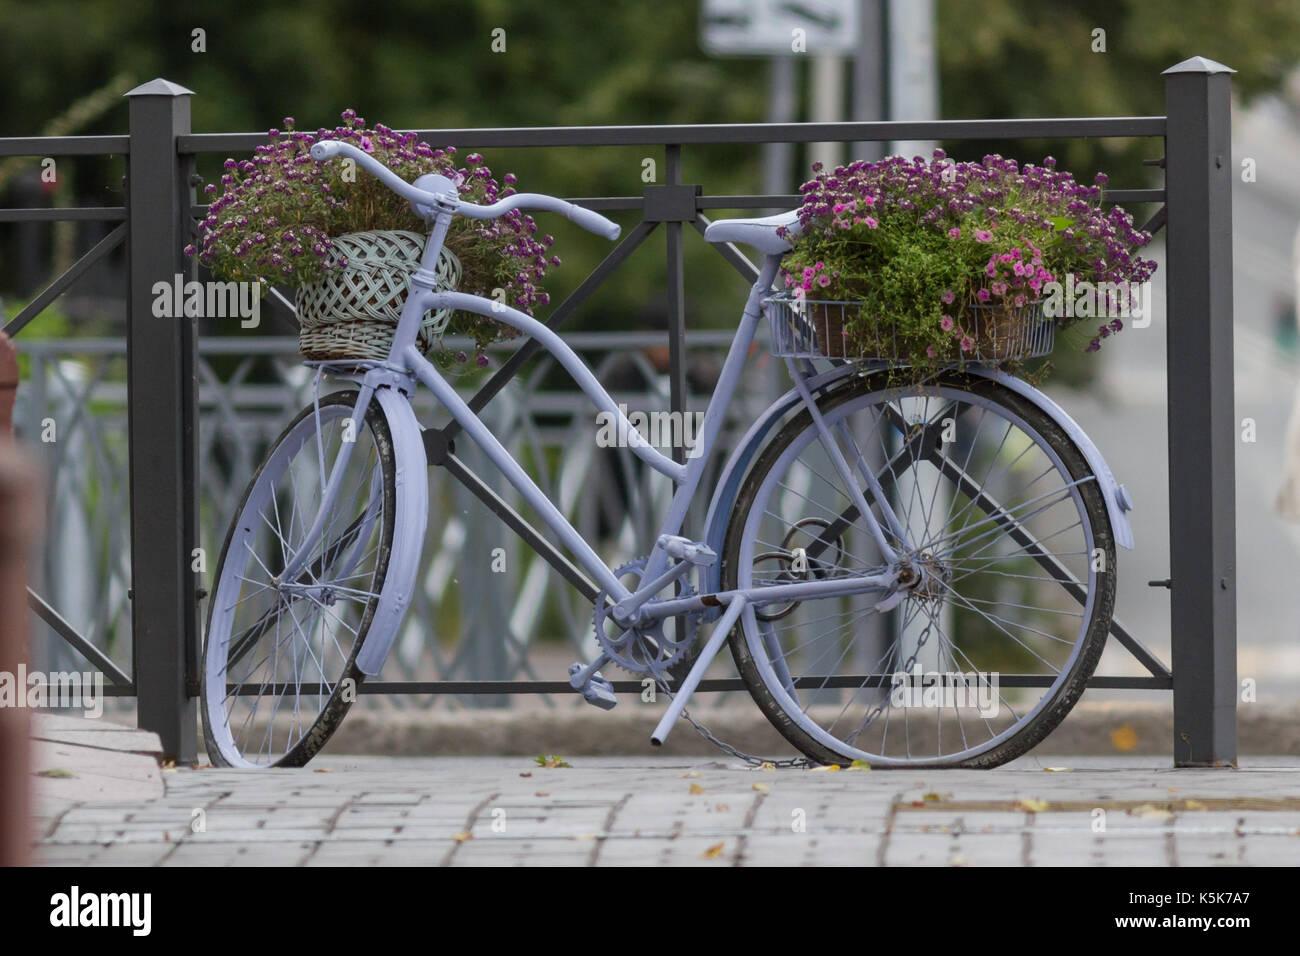 Fahrrad mit Blumen auf der Straße in der Nähe von Cafe Stockfoto ...